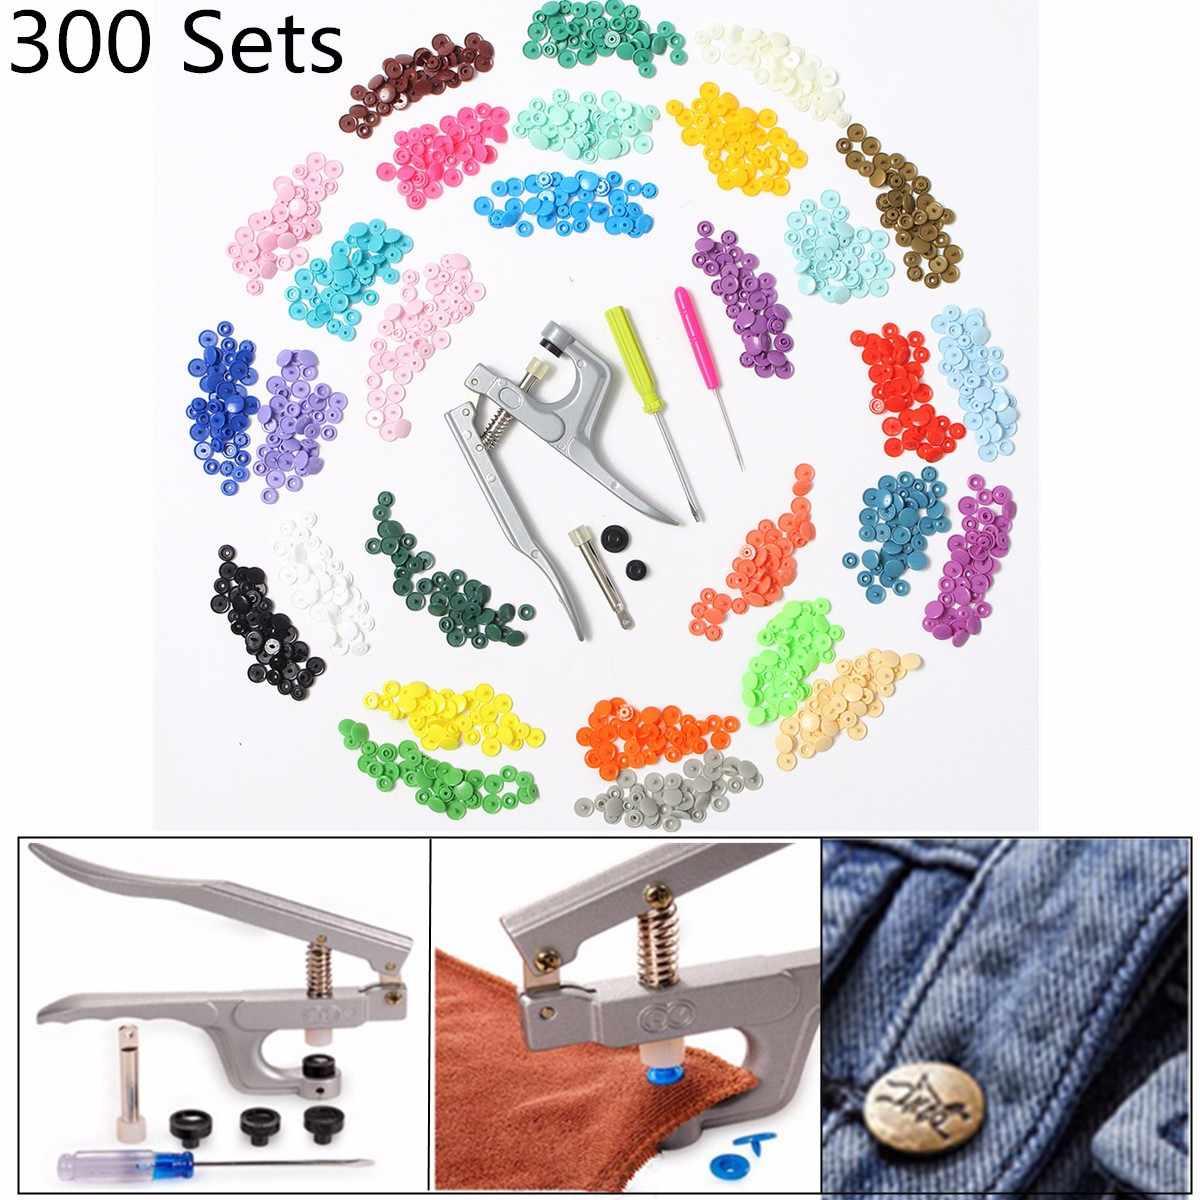 ขายร้อน 300 เซ็ต 10 สี KAM Snaps T5 Snap Starter Poppers พลาสติกยึด + 1 คีมสำหรับจักรเย็บผ้า Handmade DIY ผ้า Suplies